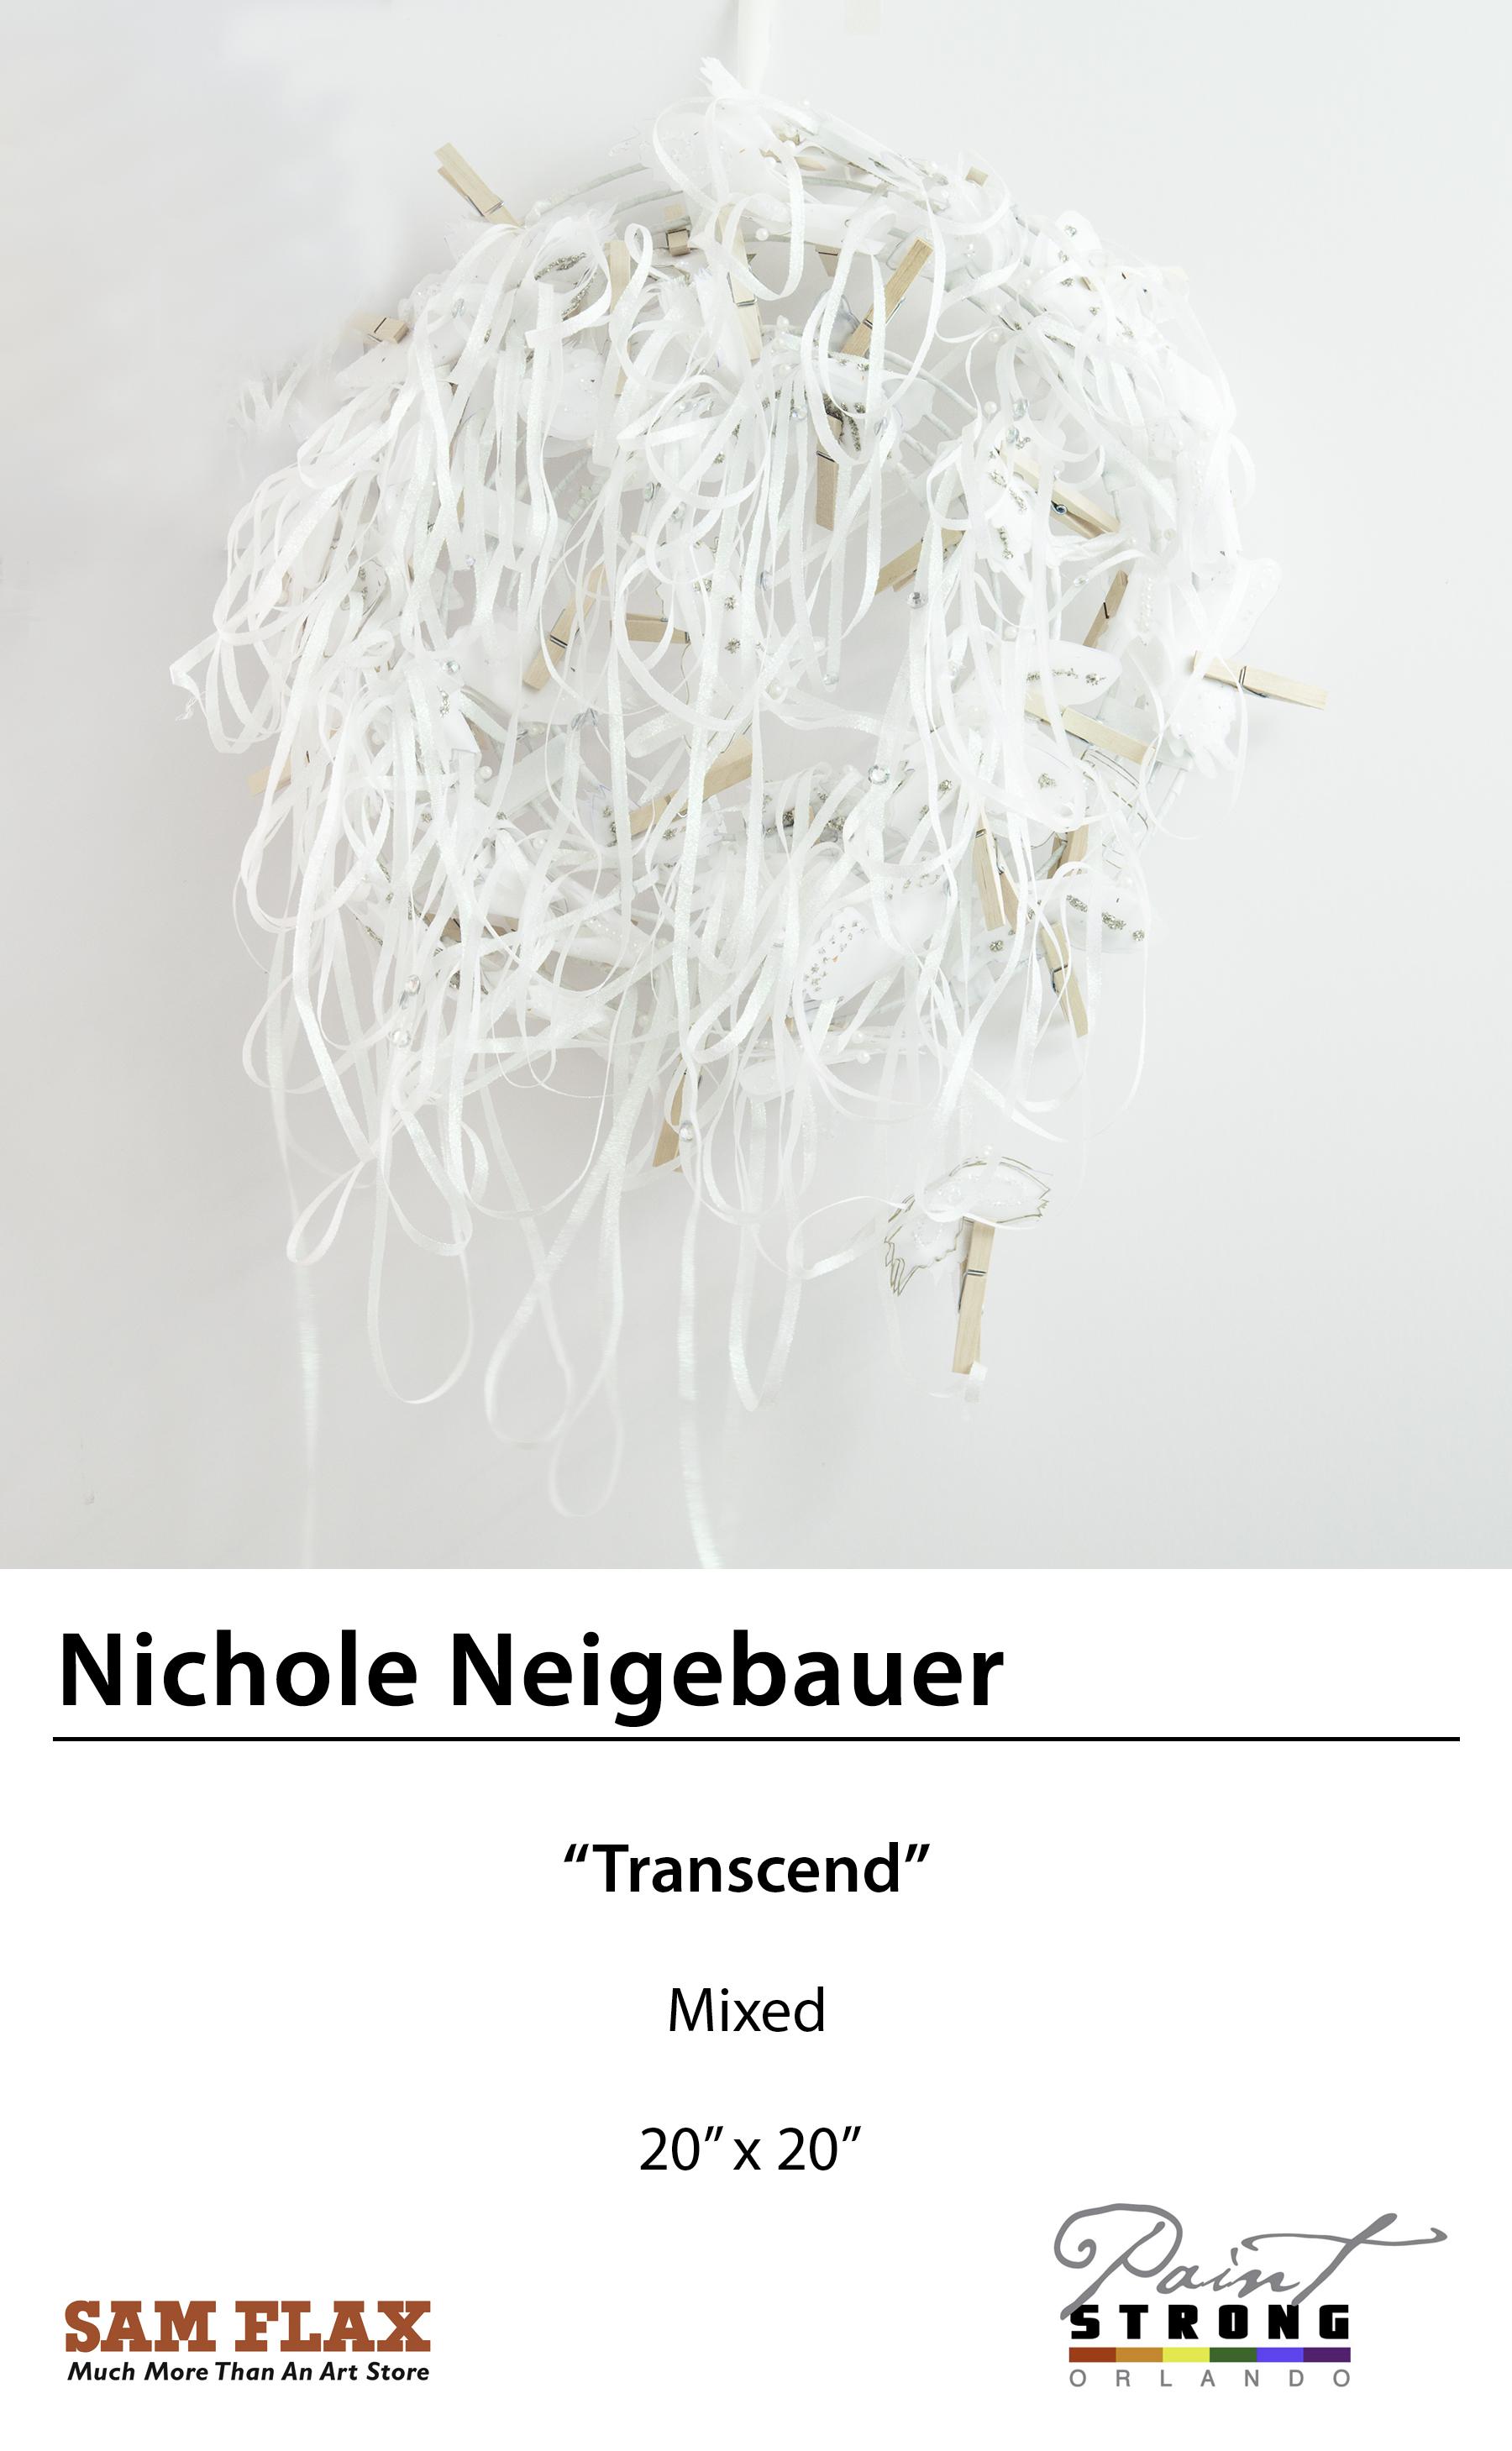 Nichole Neigebauer